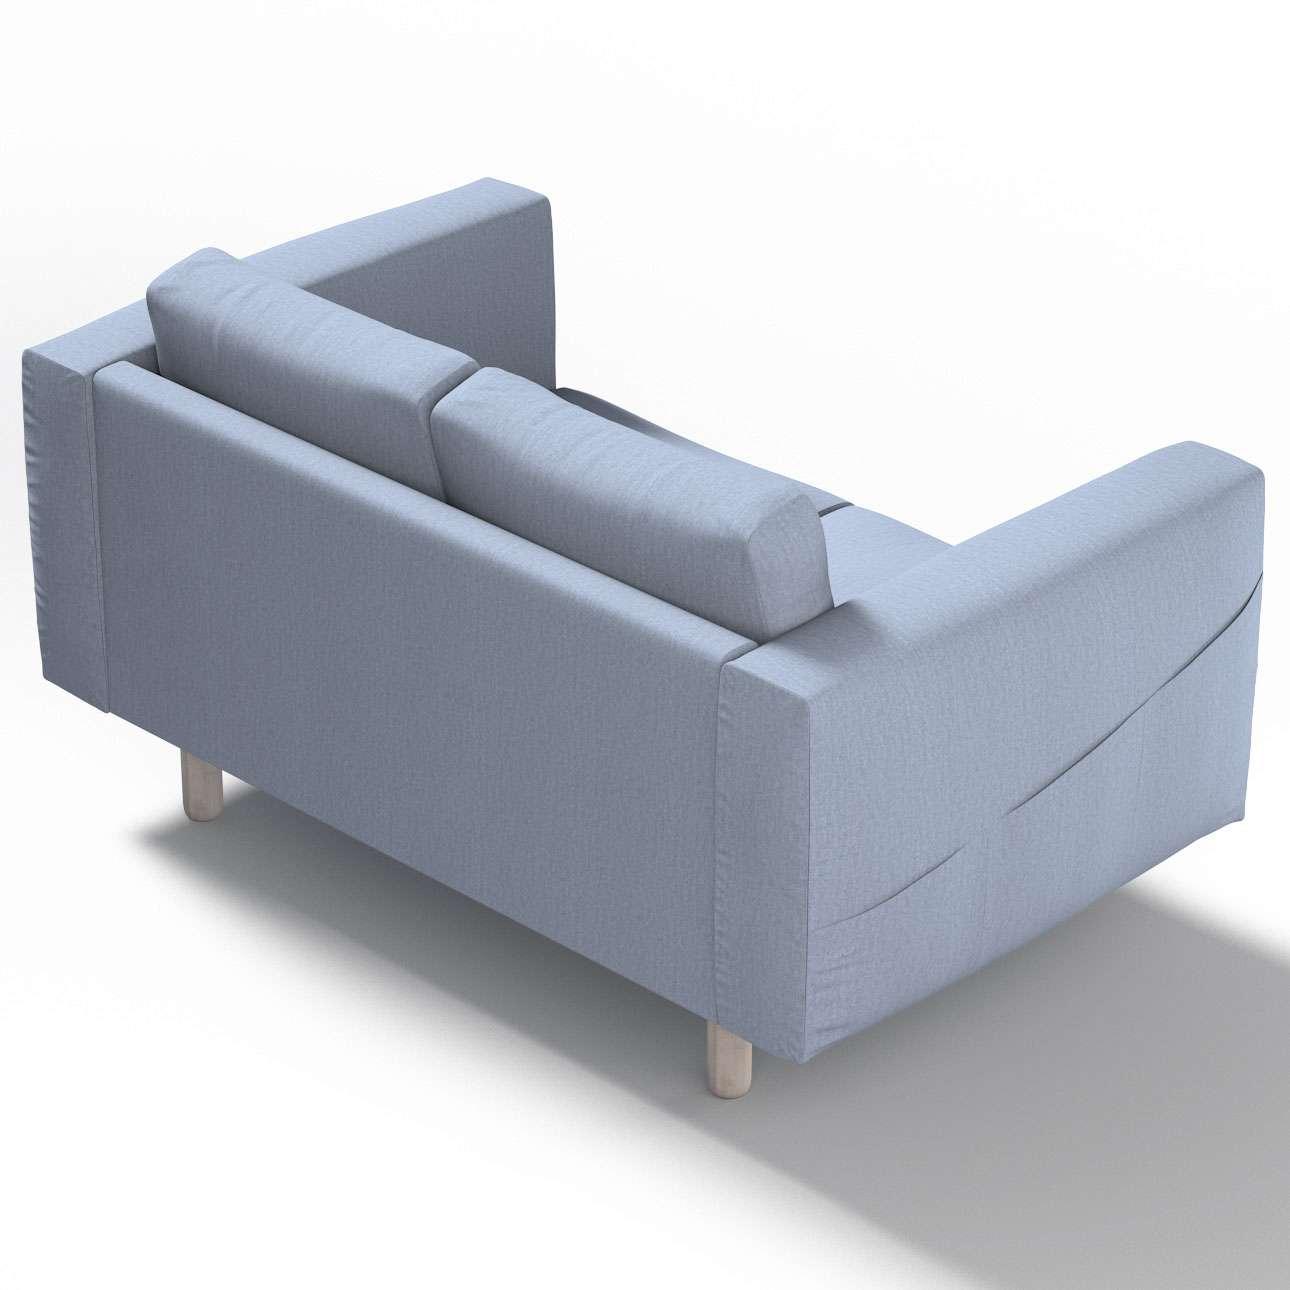 Pokrowiec na sofę Norsborg 2-osobową w kolekcji Chenille, tkanina: 702-13